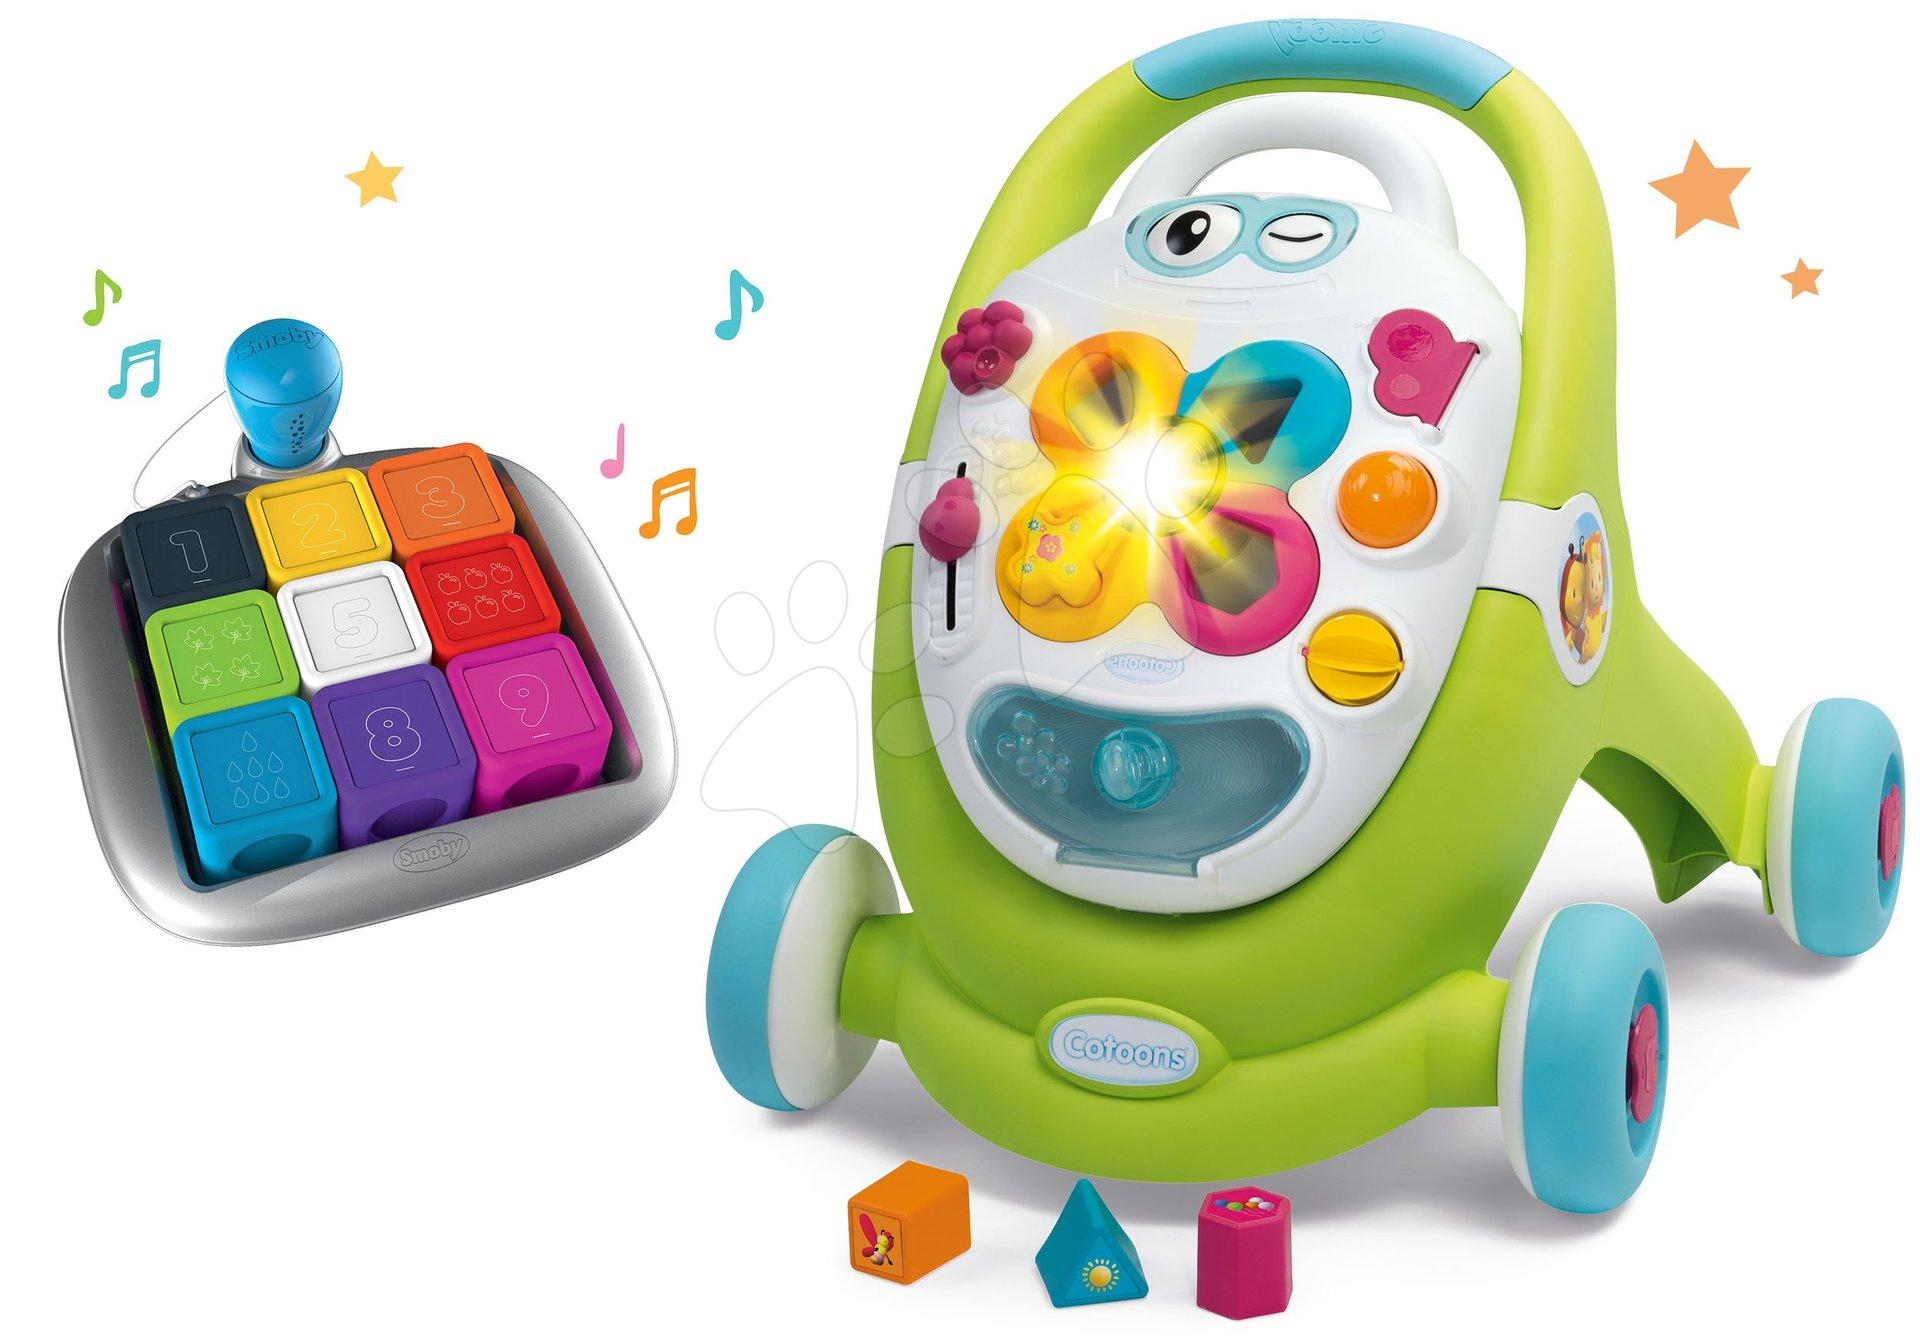 Dětská chodítka - Set chodítko s didaktickým kufříkem Trott Cotoons 2v1 Smoby se zvukem a světlem a interaktivní hra Clever Cubes Smart s 3 hrami barvy a čísla